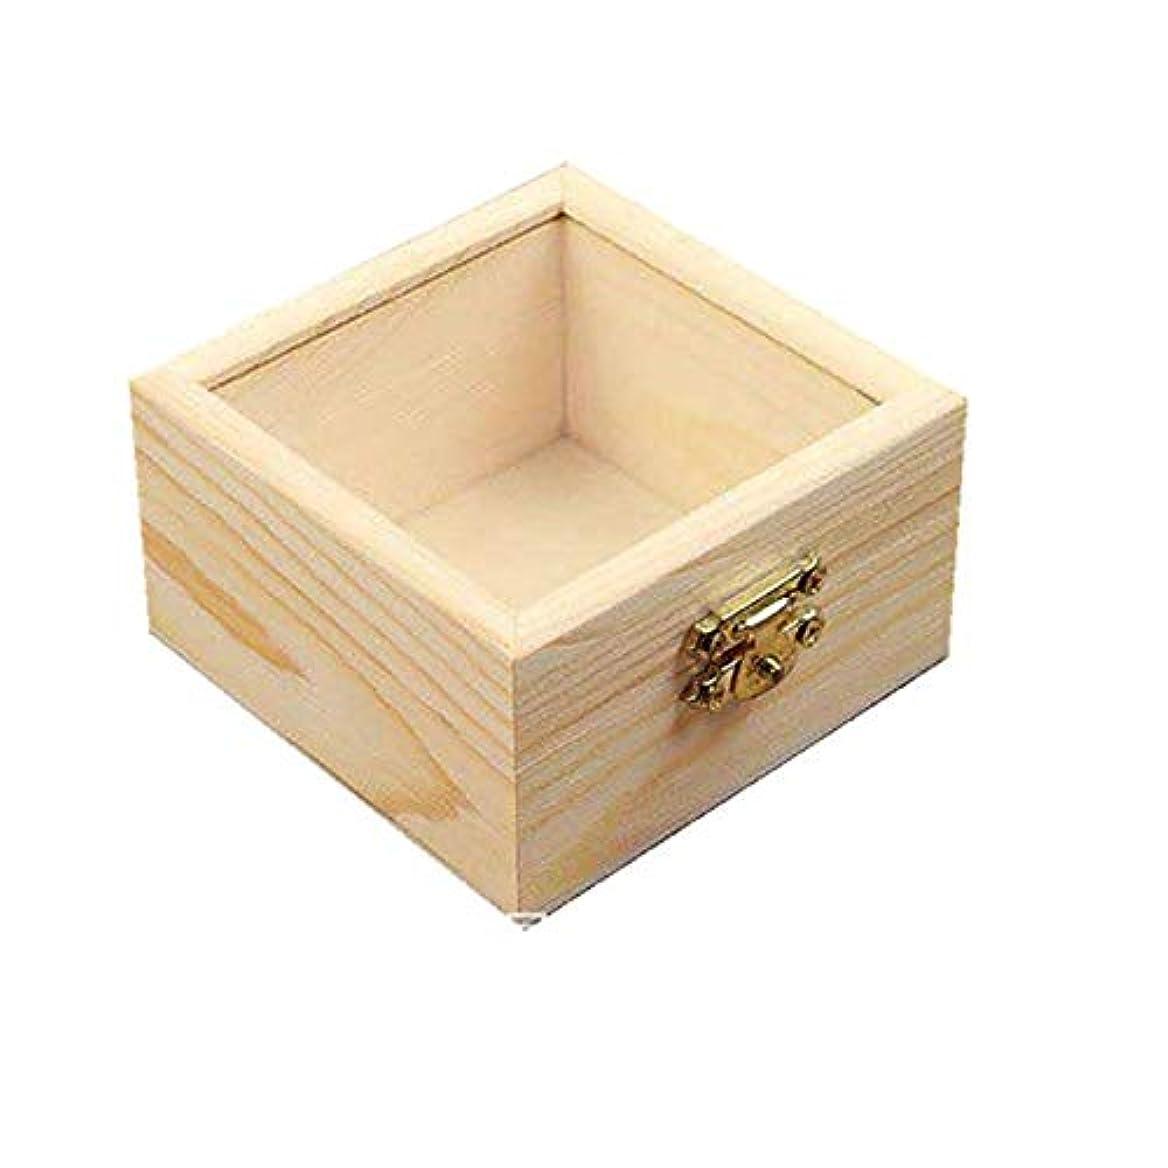 空虚田舎者曖昧なエッセンシャルオイルストレージボックス 木製のエッセンシャルオイルは、プレゼンテーションのために完璧なエッセンシャルオイルケースはBox 旅行およびプレゼンテーション用 (色 : Natural, サイズ : 8.5X8.5X5CM)